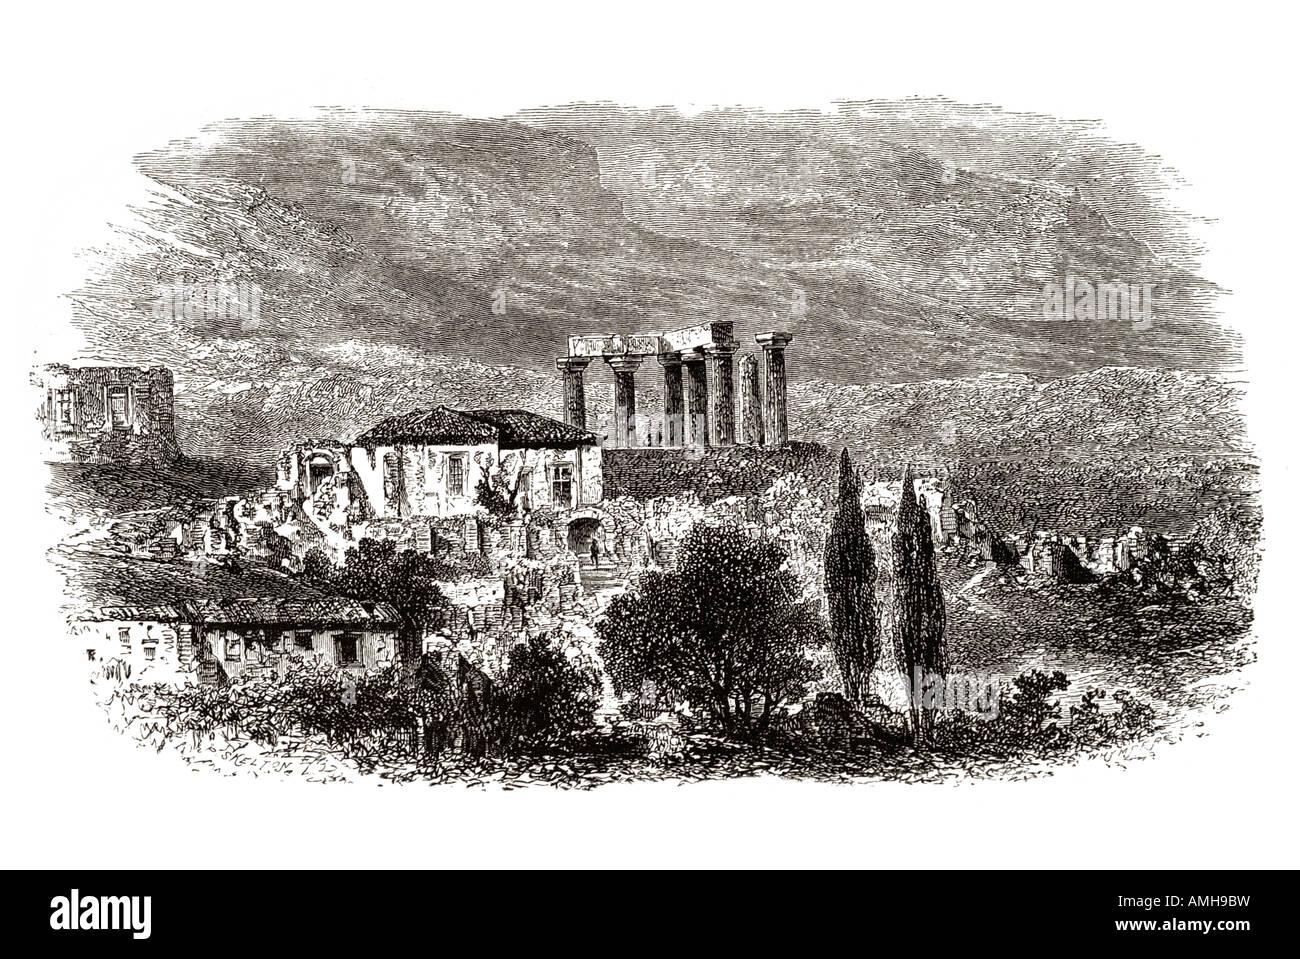 Corinthe Loutráki grec apollo temple antiquité isthme ville-État du Golfe Saronique Péloponnèse Photo Stock